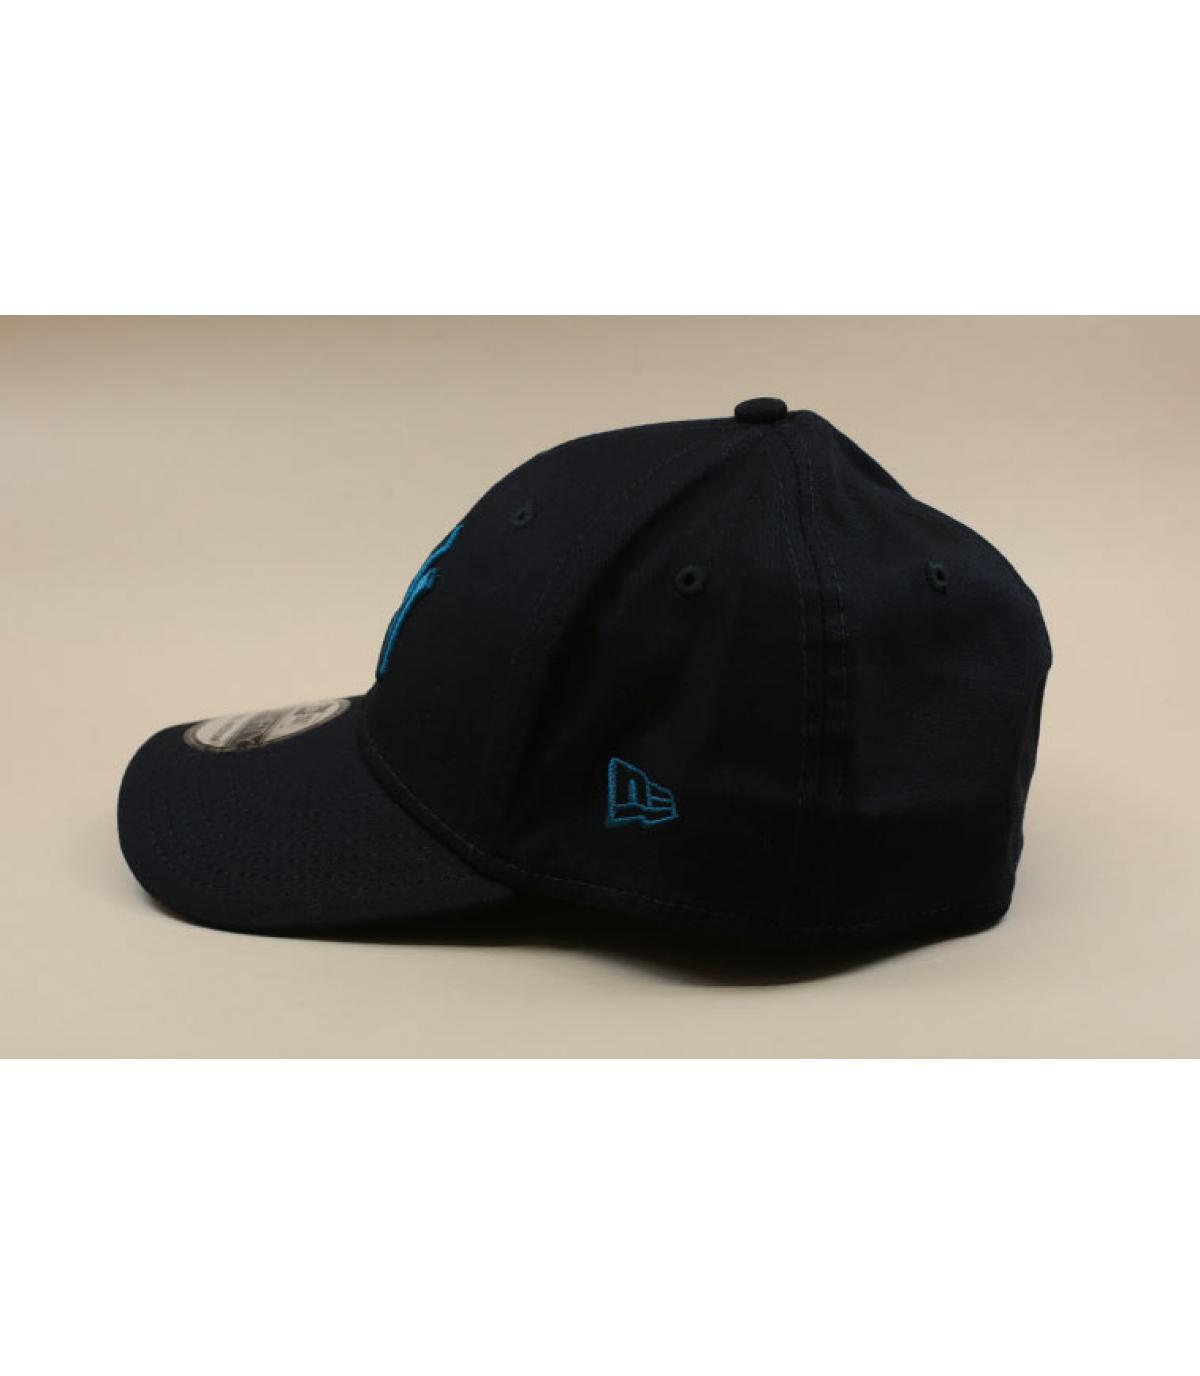 Détails Casquette Essential 3930 NY black cadet blue - image 4